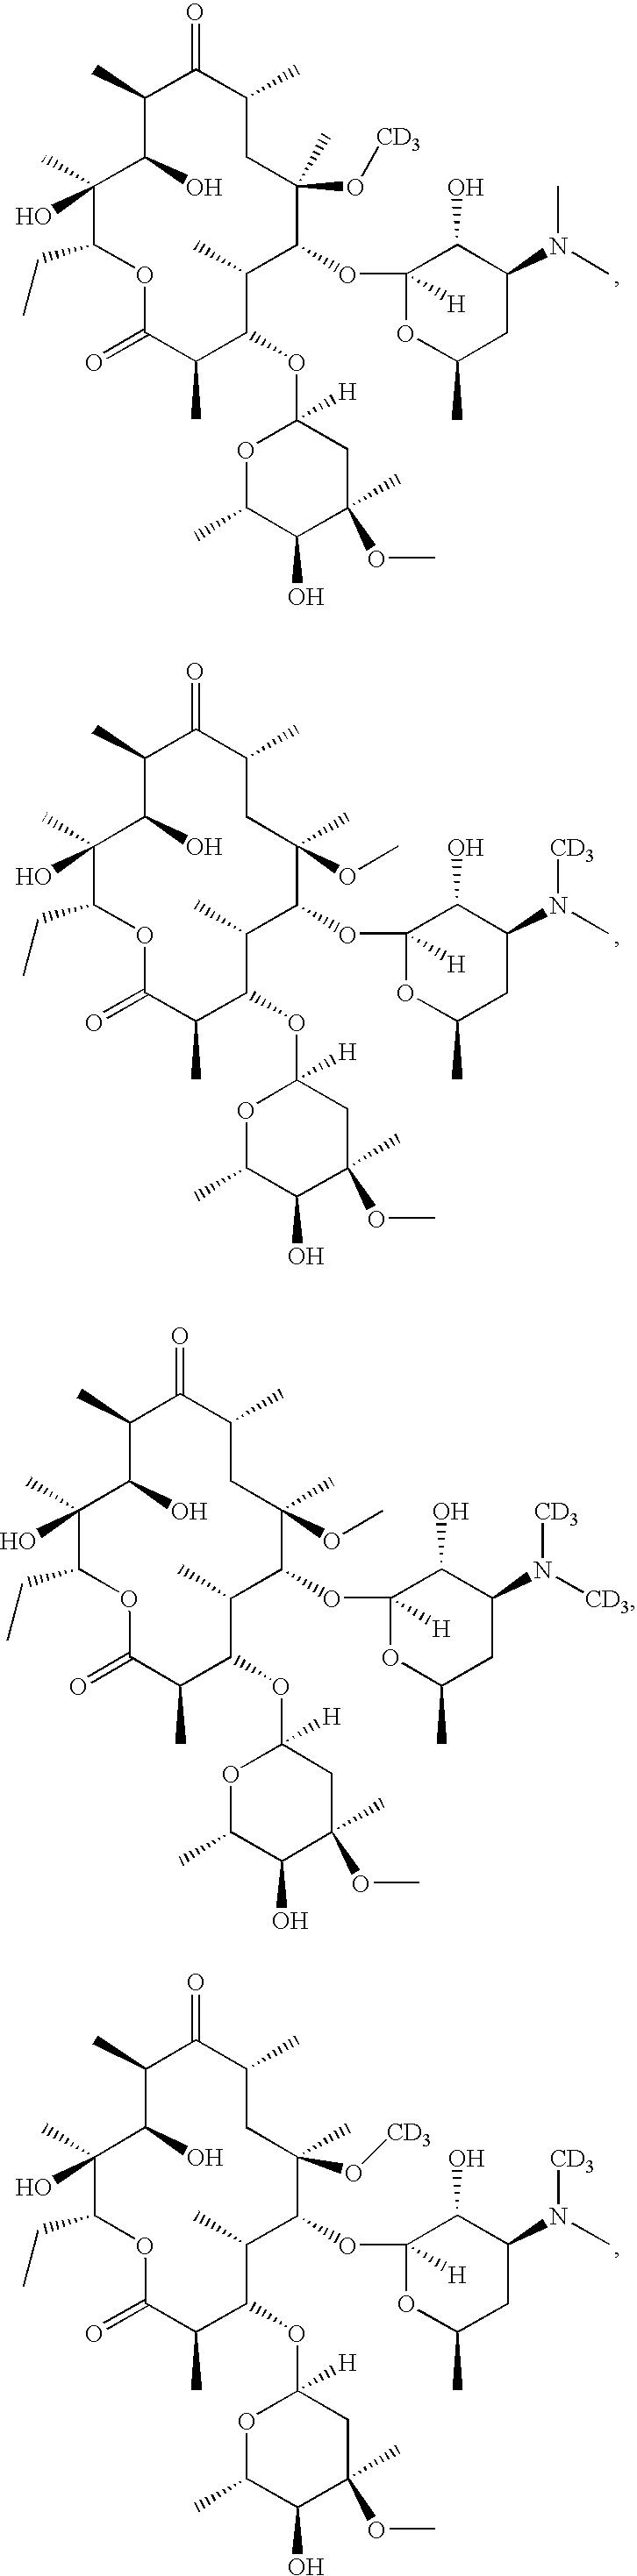 Figure US20070281894A1-20071206-C00047